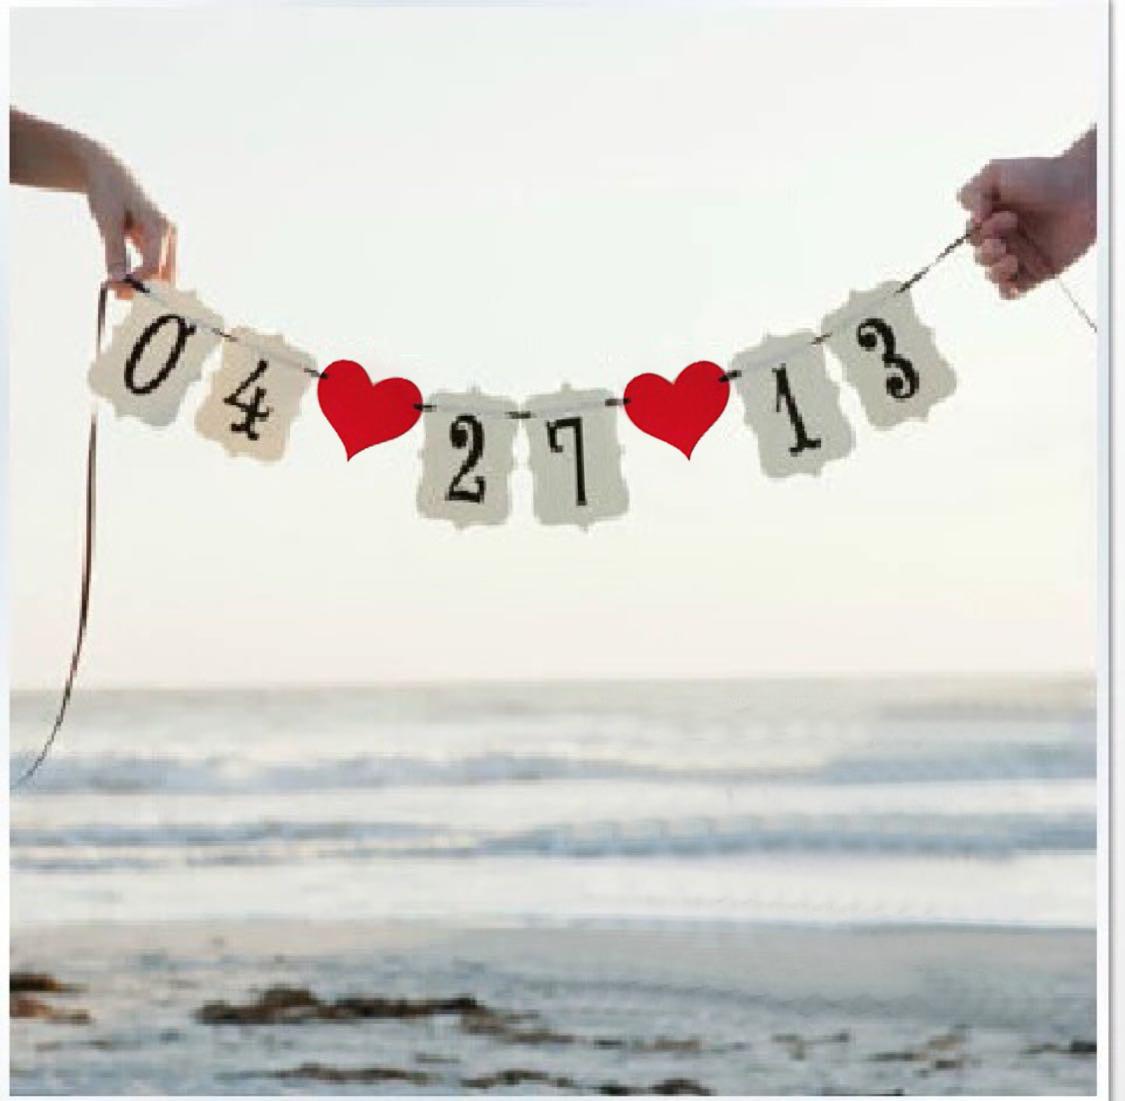 婚礼字母旗